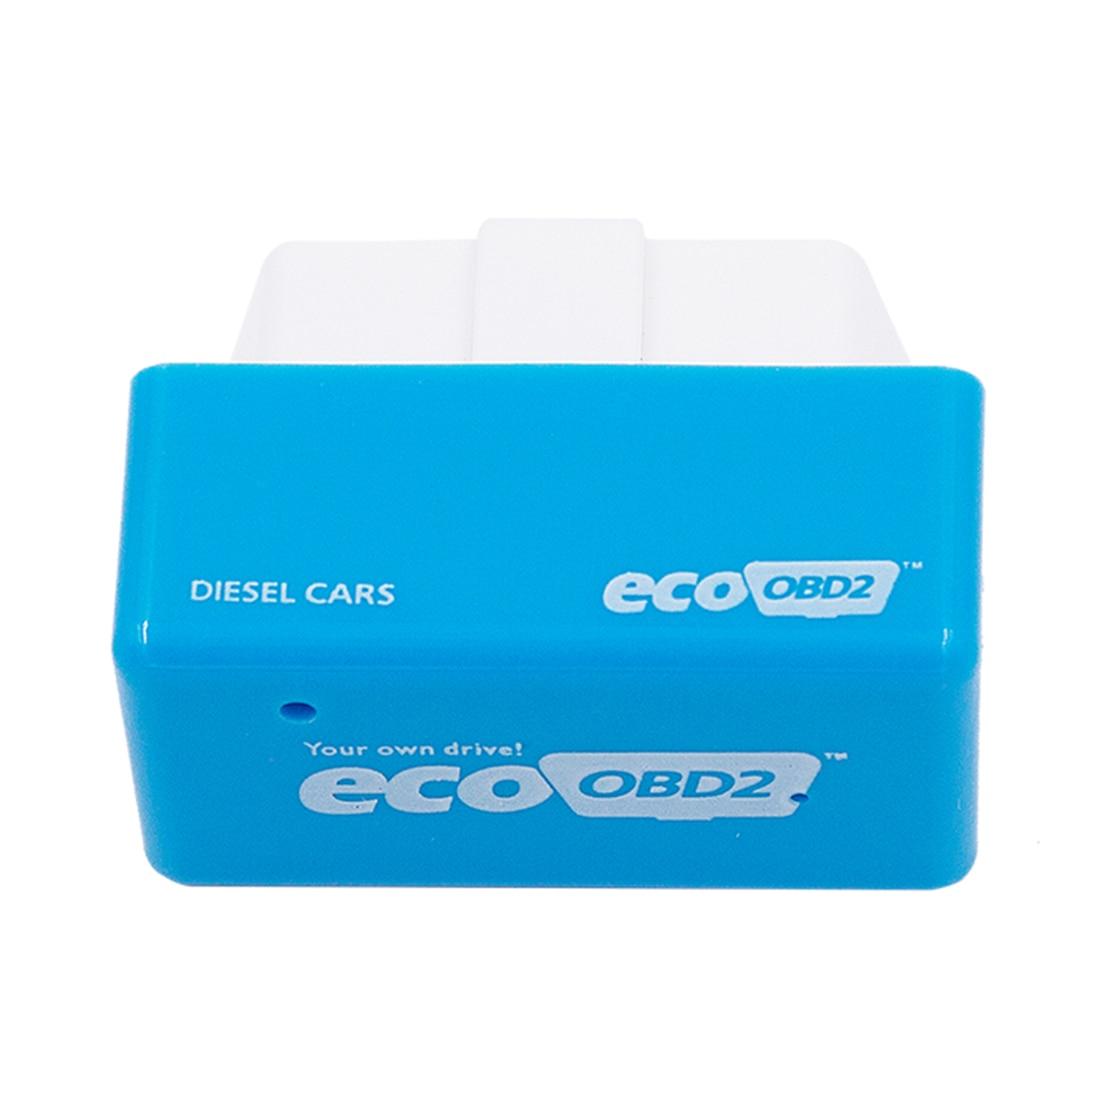 Dewtreetali OBD2 plug & drive ниже Приборы экономии топлива для автомобиля низкий уровень выбросов OBDII Интерфейс бензин чип-тюнинг автомобиля поле эко ...